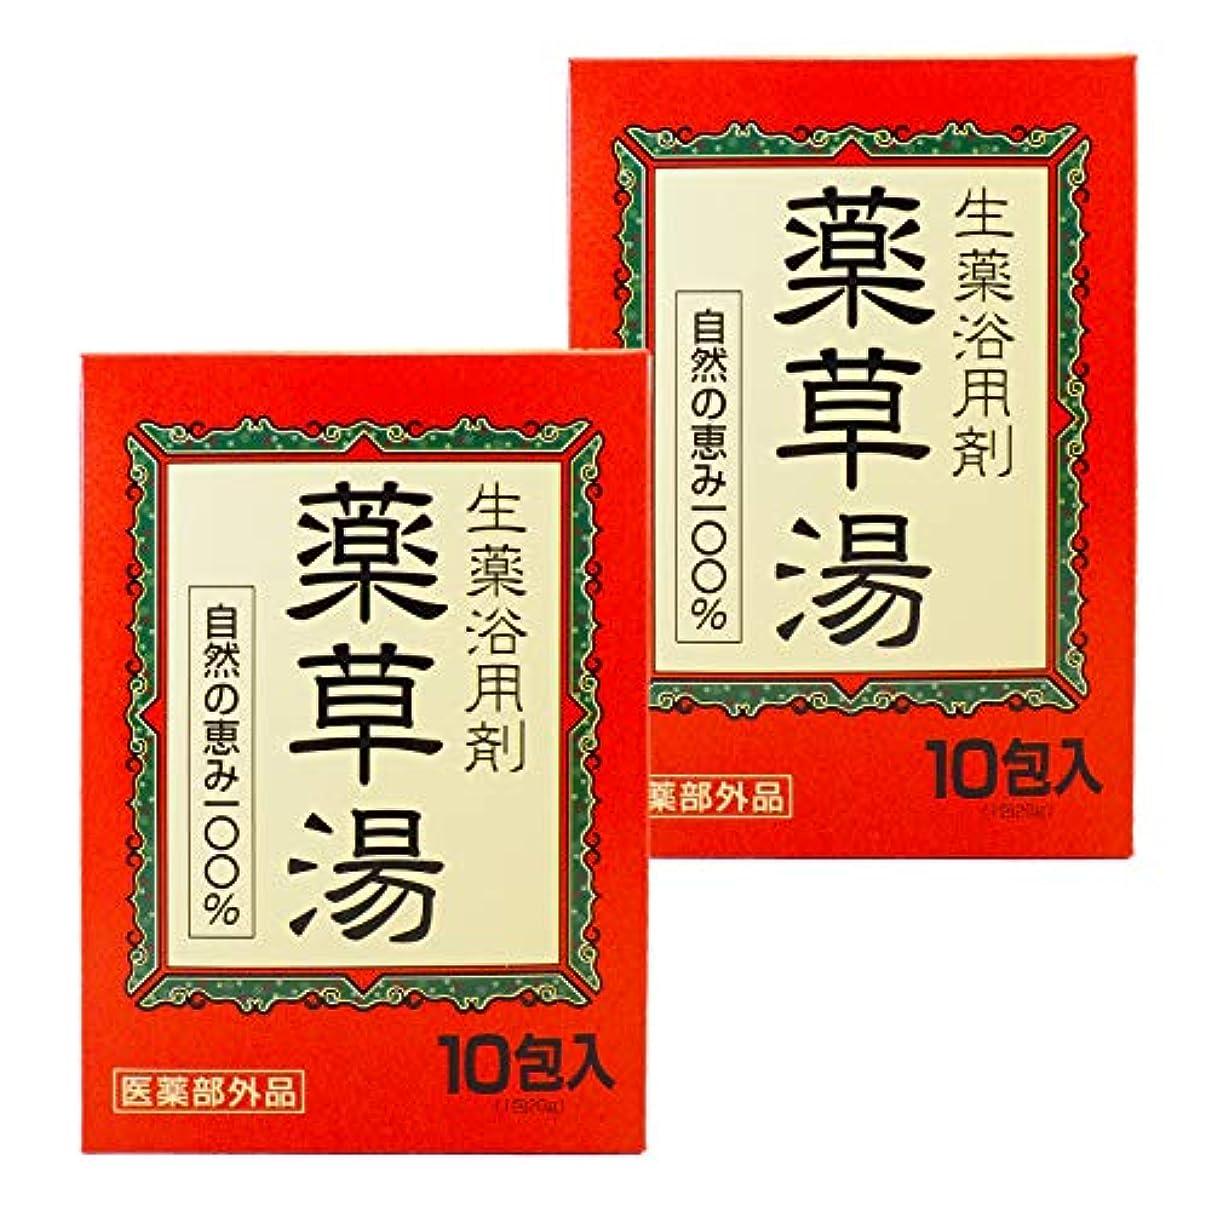 歯車流産路面電車【まとめ買い】 薬草湯 生薬浴用剤 10包入×2個 自然のめぐみ100% 医薬部外品